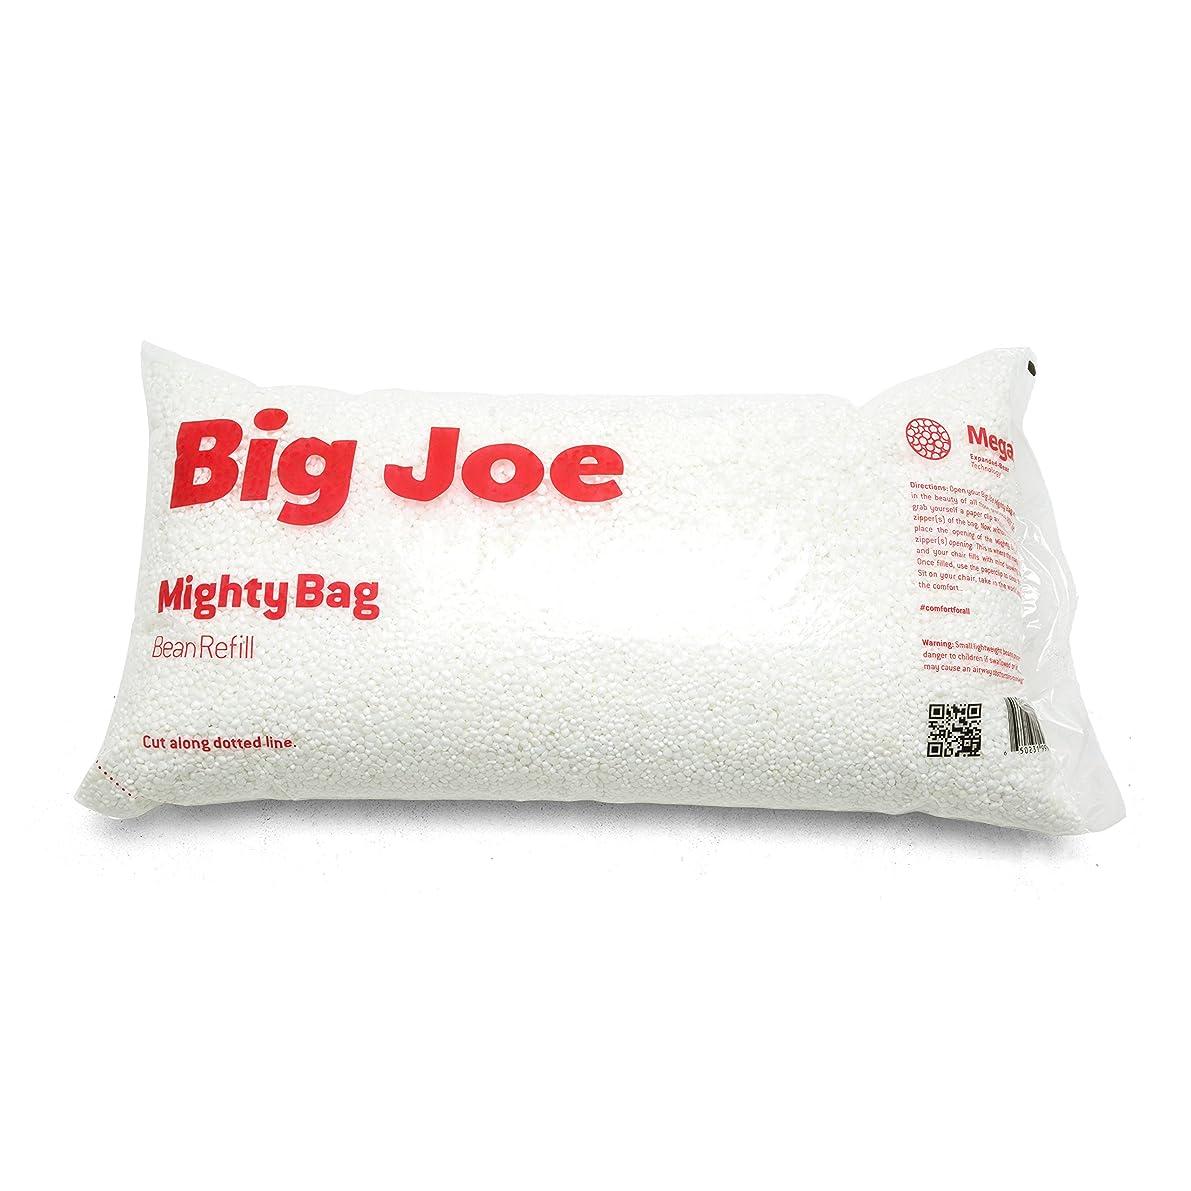 Big Joe Comfort Research Megahh (UltimaX) Bean Bags Refill, 100 L, White - 9999999